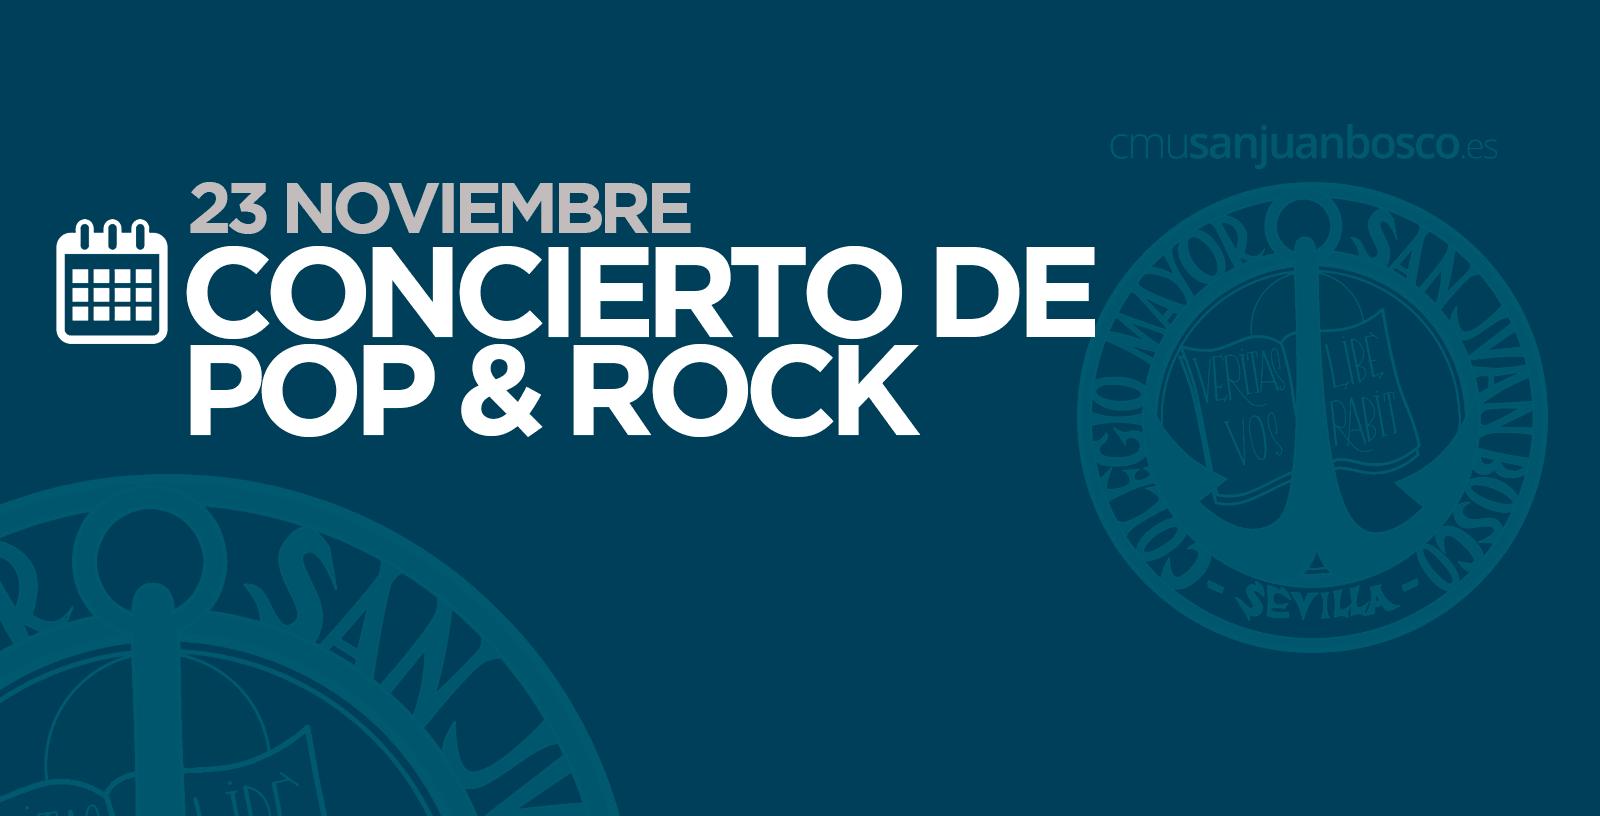 Concierto de pop & rock